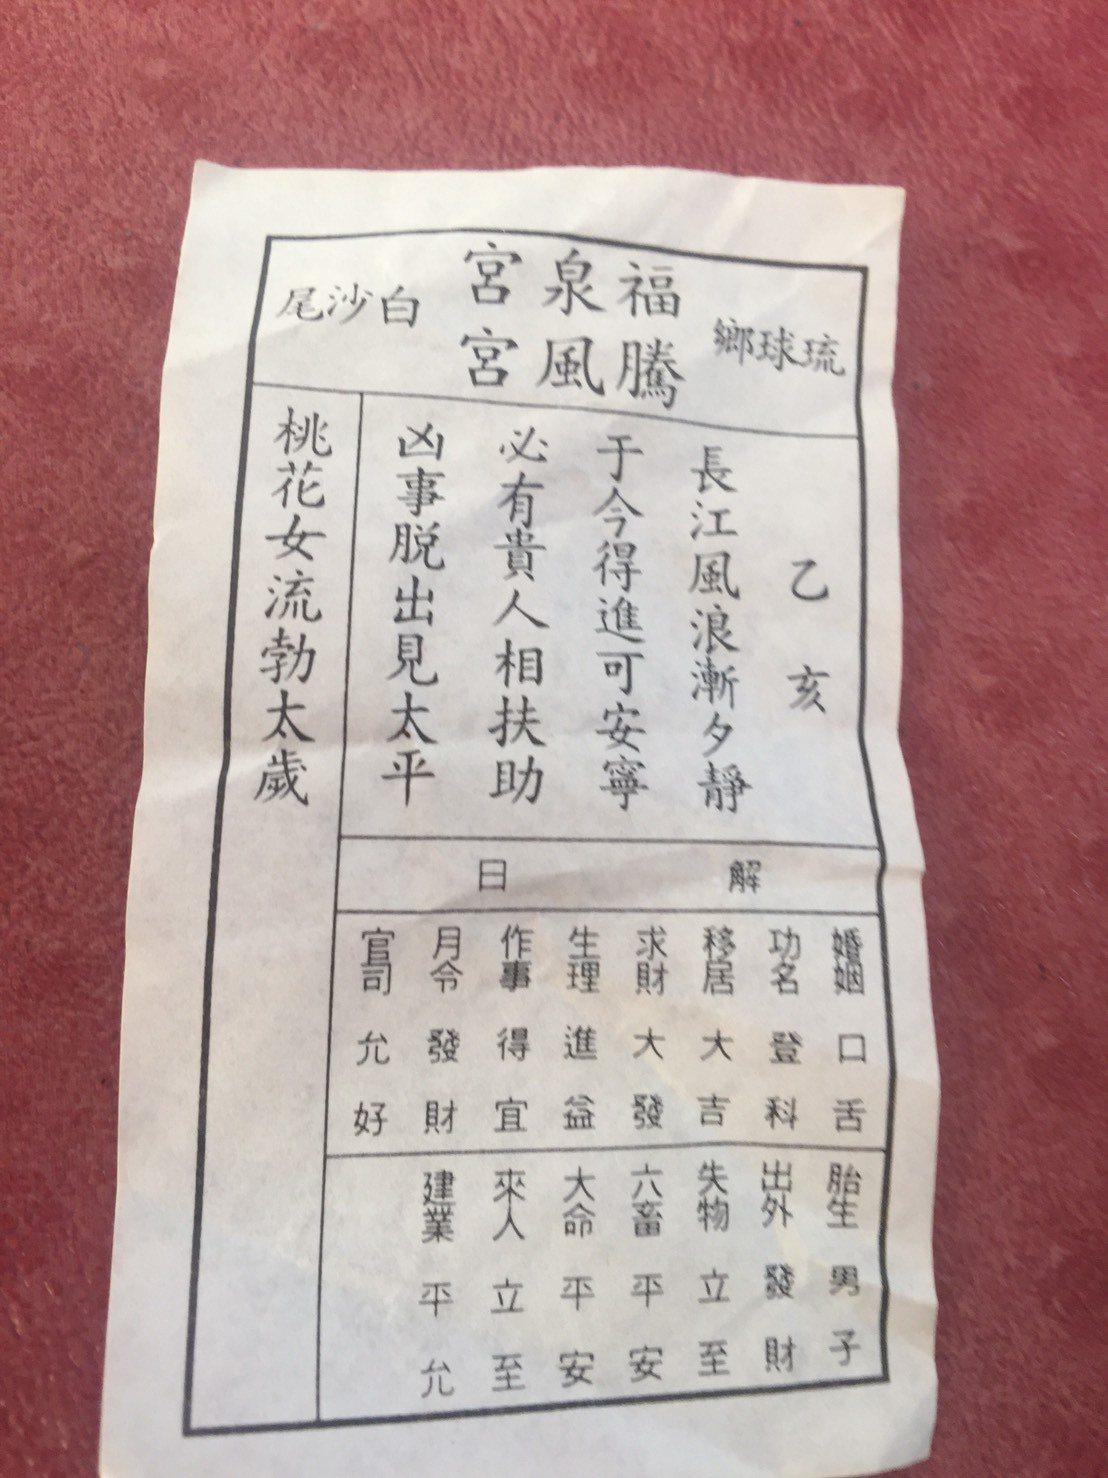 騰風宮主委、前琉球漁會總幹事黃枝福幫韓國瑜抽出上上籤。圖/讀者提供